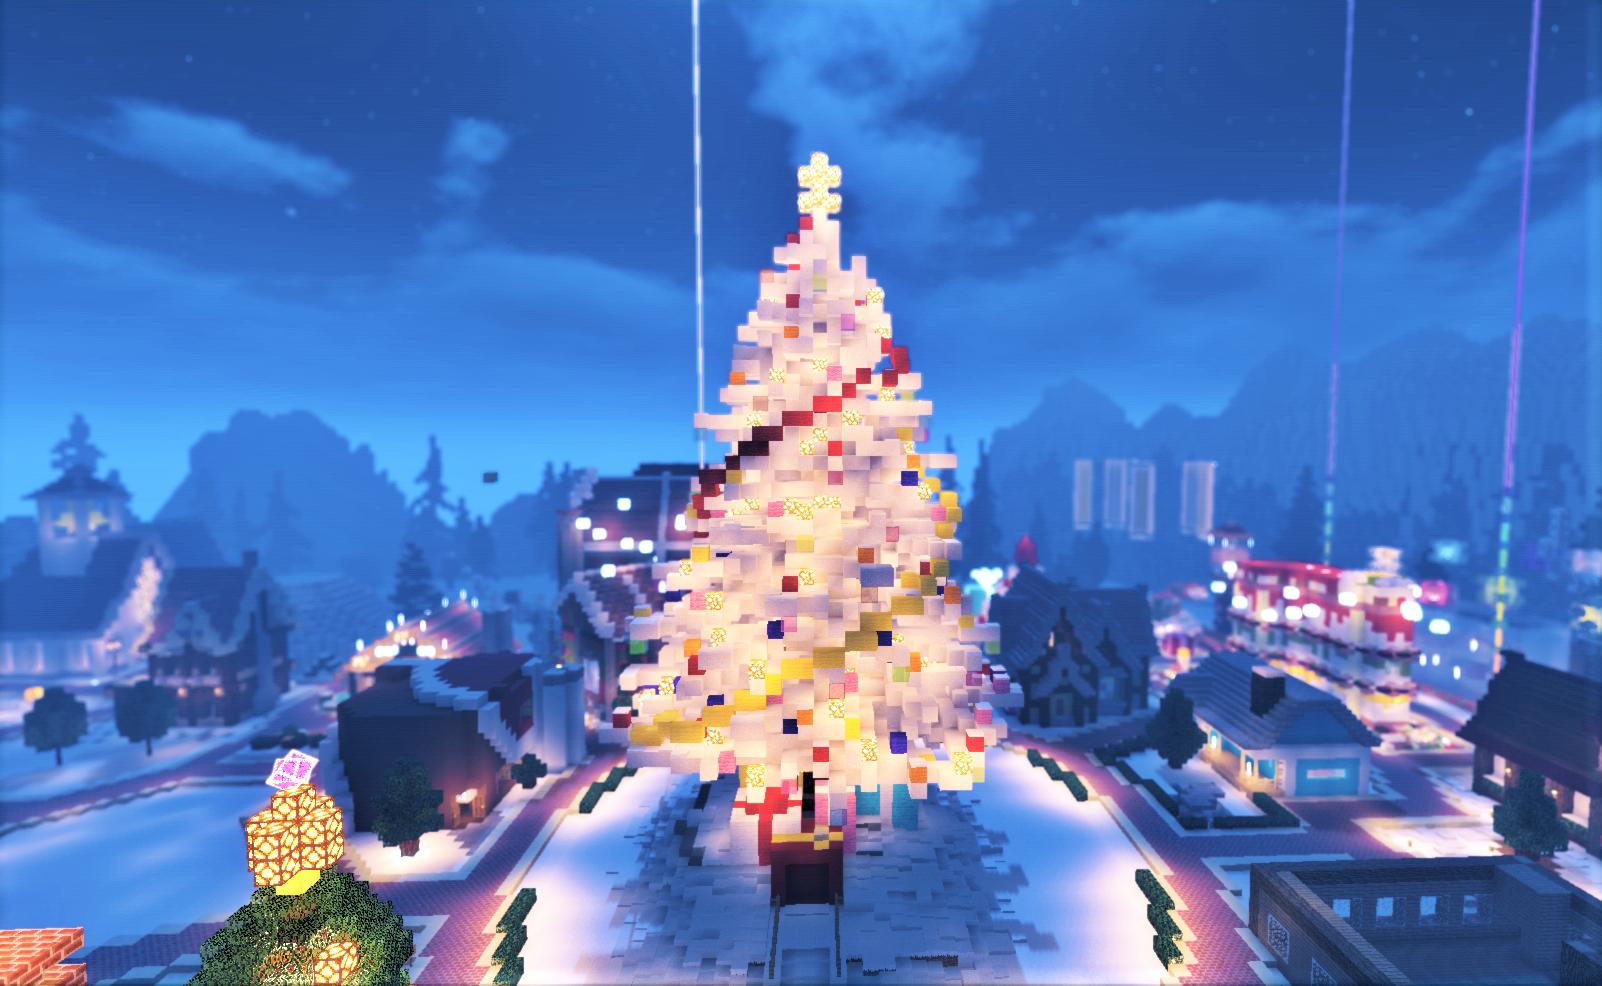 クリスマスツリー1 3.png